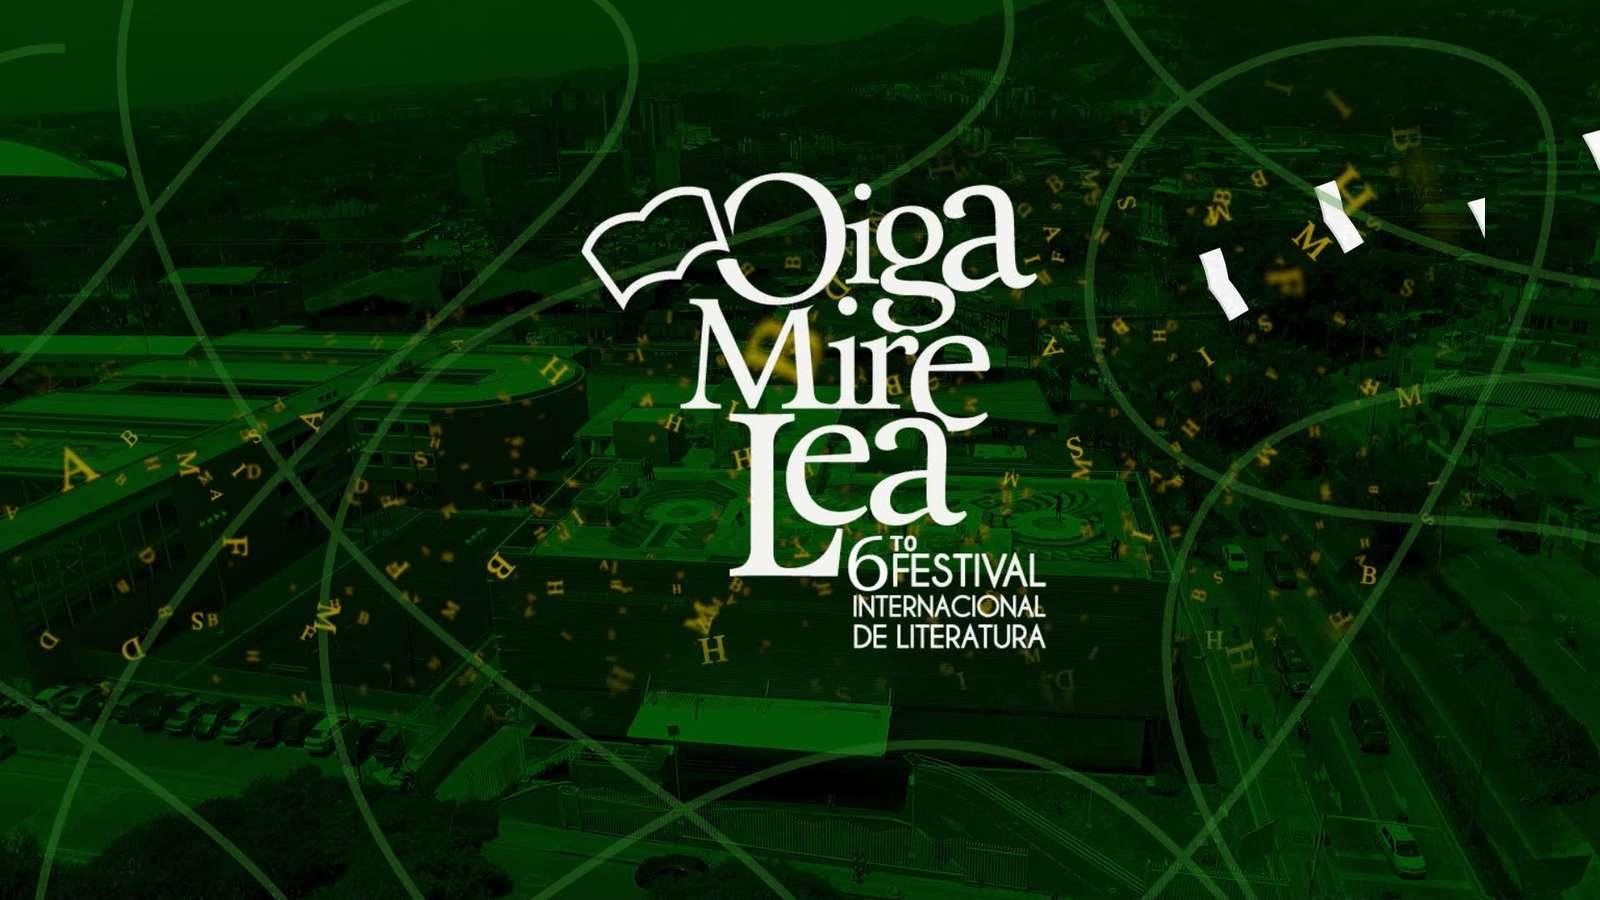 Telepacífico transmite el VI Festival Internacional de Literatura 'Oiga, Mire, Lea'